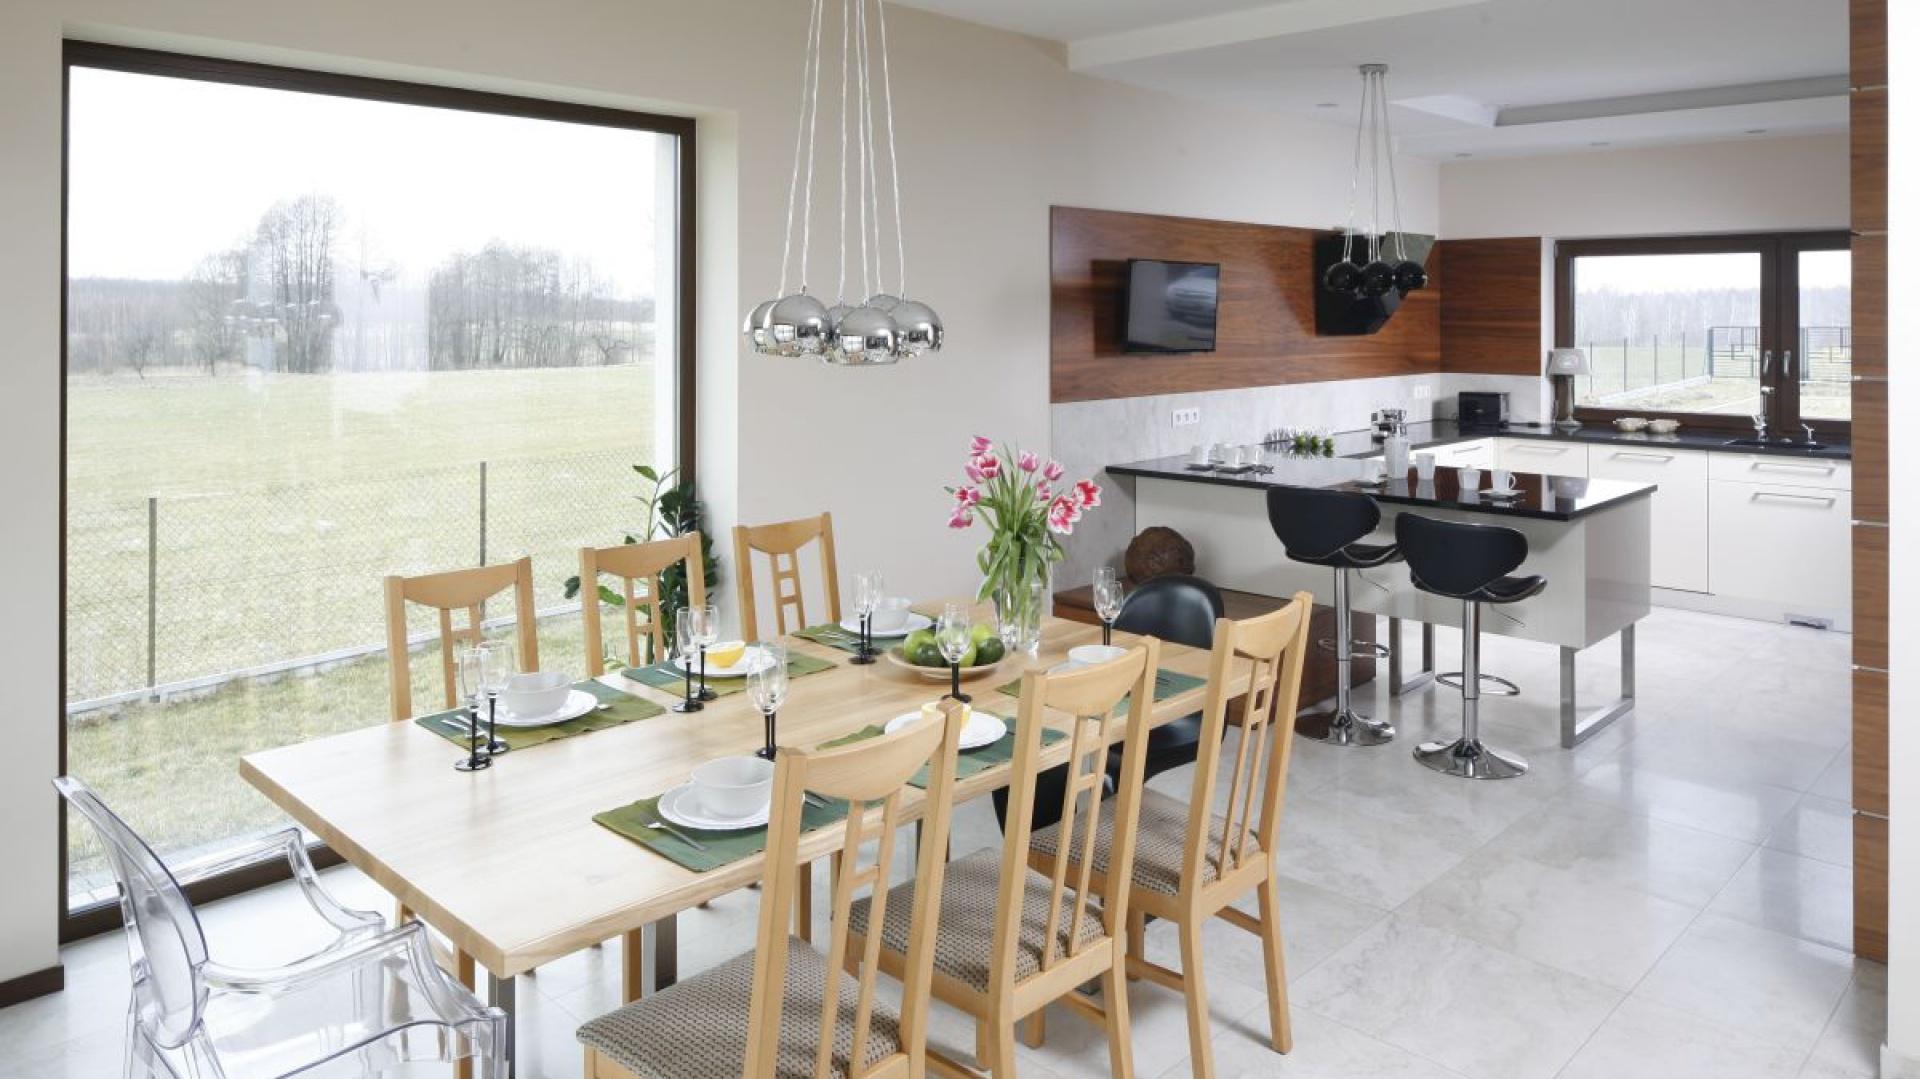 Kuchnia otwarta na jadalnię i salon to jedno z najczęściej stosowanych rozwiązań w polskich domach. Projekt: Piotr Stanisz, Fot. Bartosz Jarosz